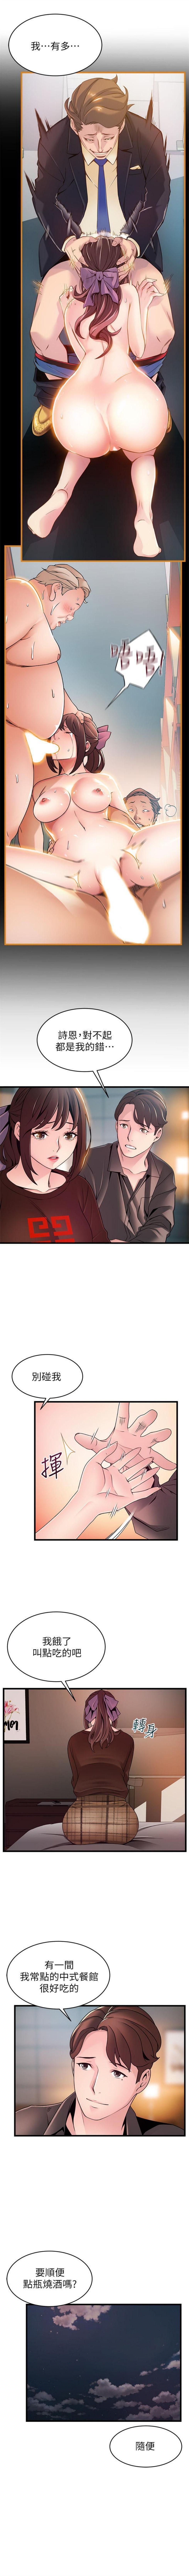 弱點 1-101 官方中文(連載中) 419